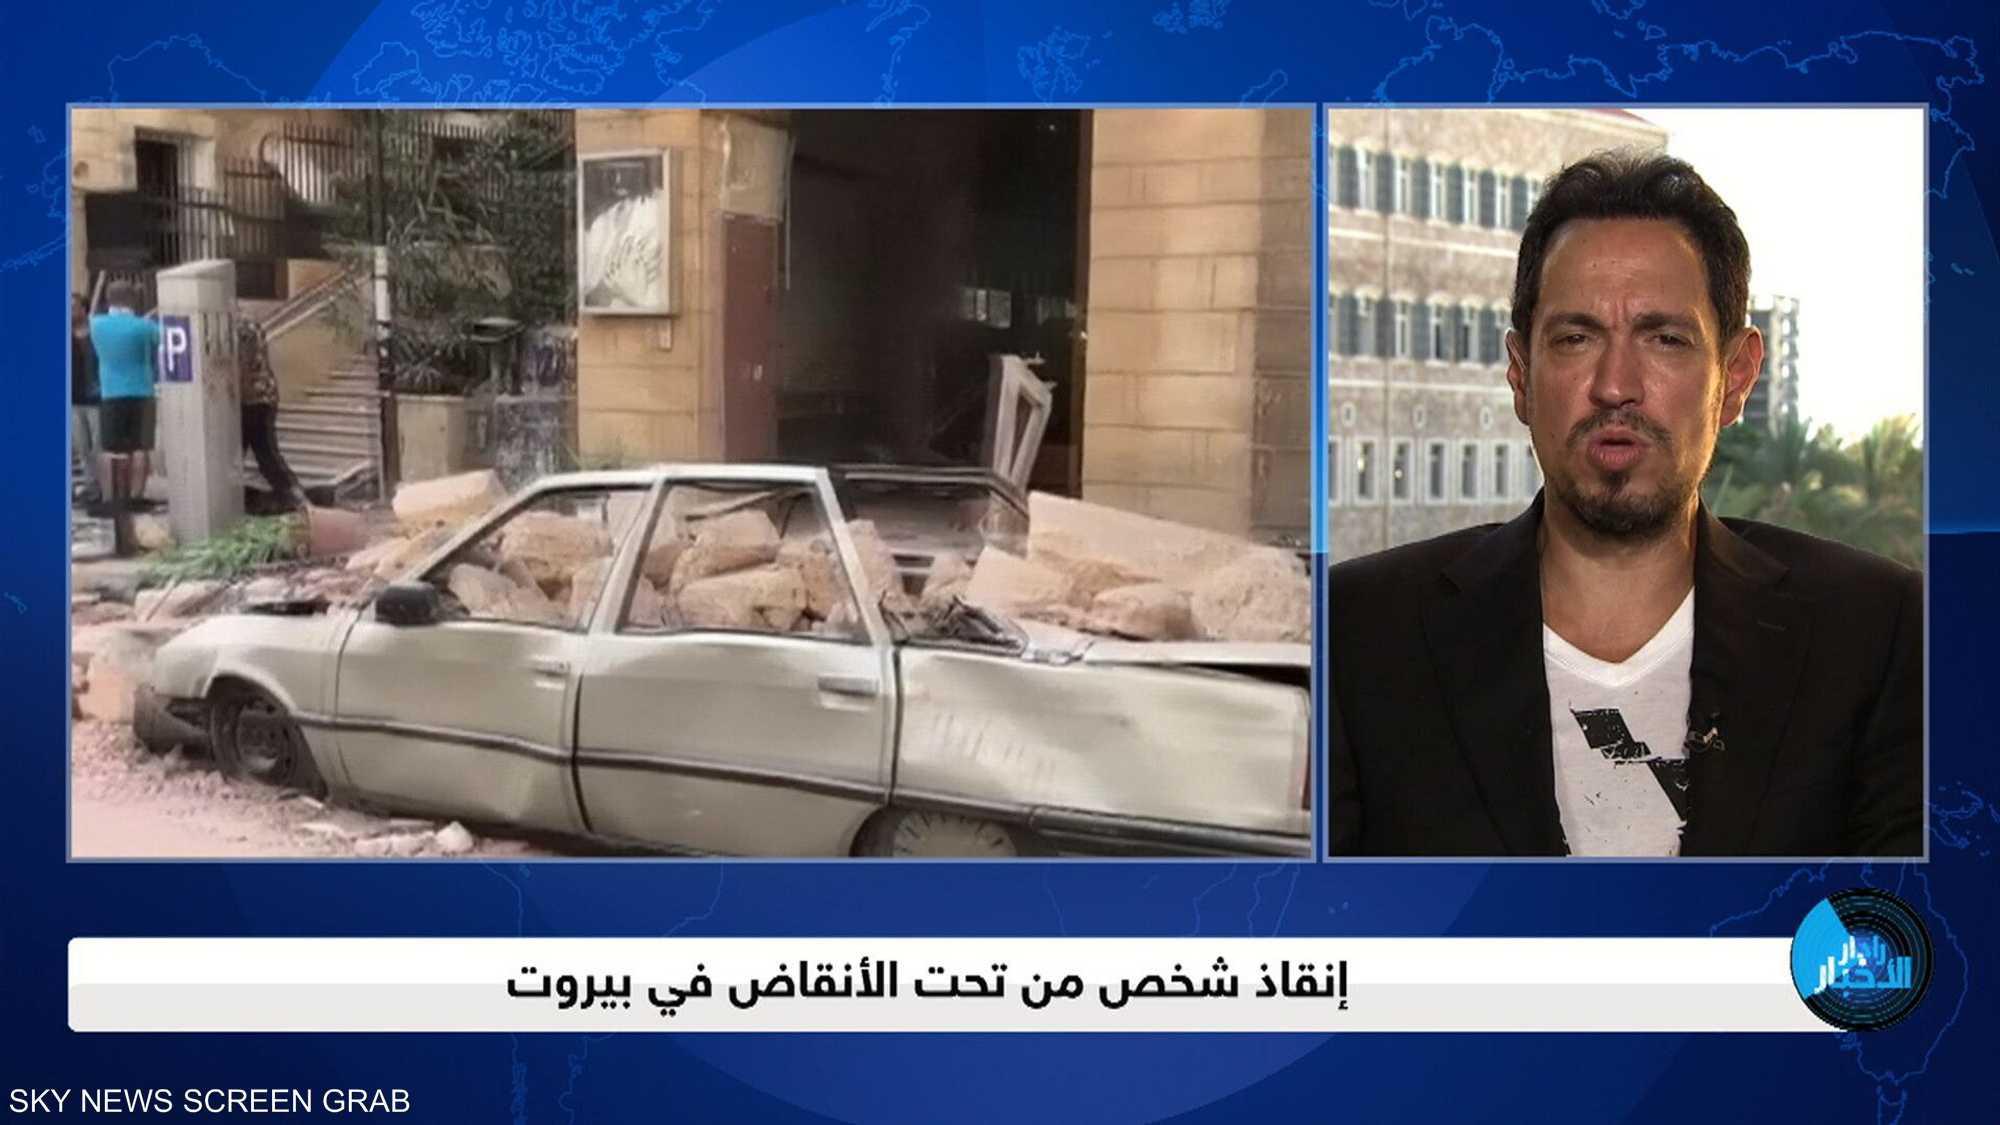 إنقاذ شخص من تحت الأنقاض في بيروت